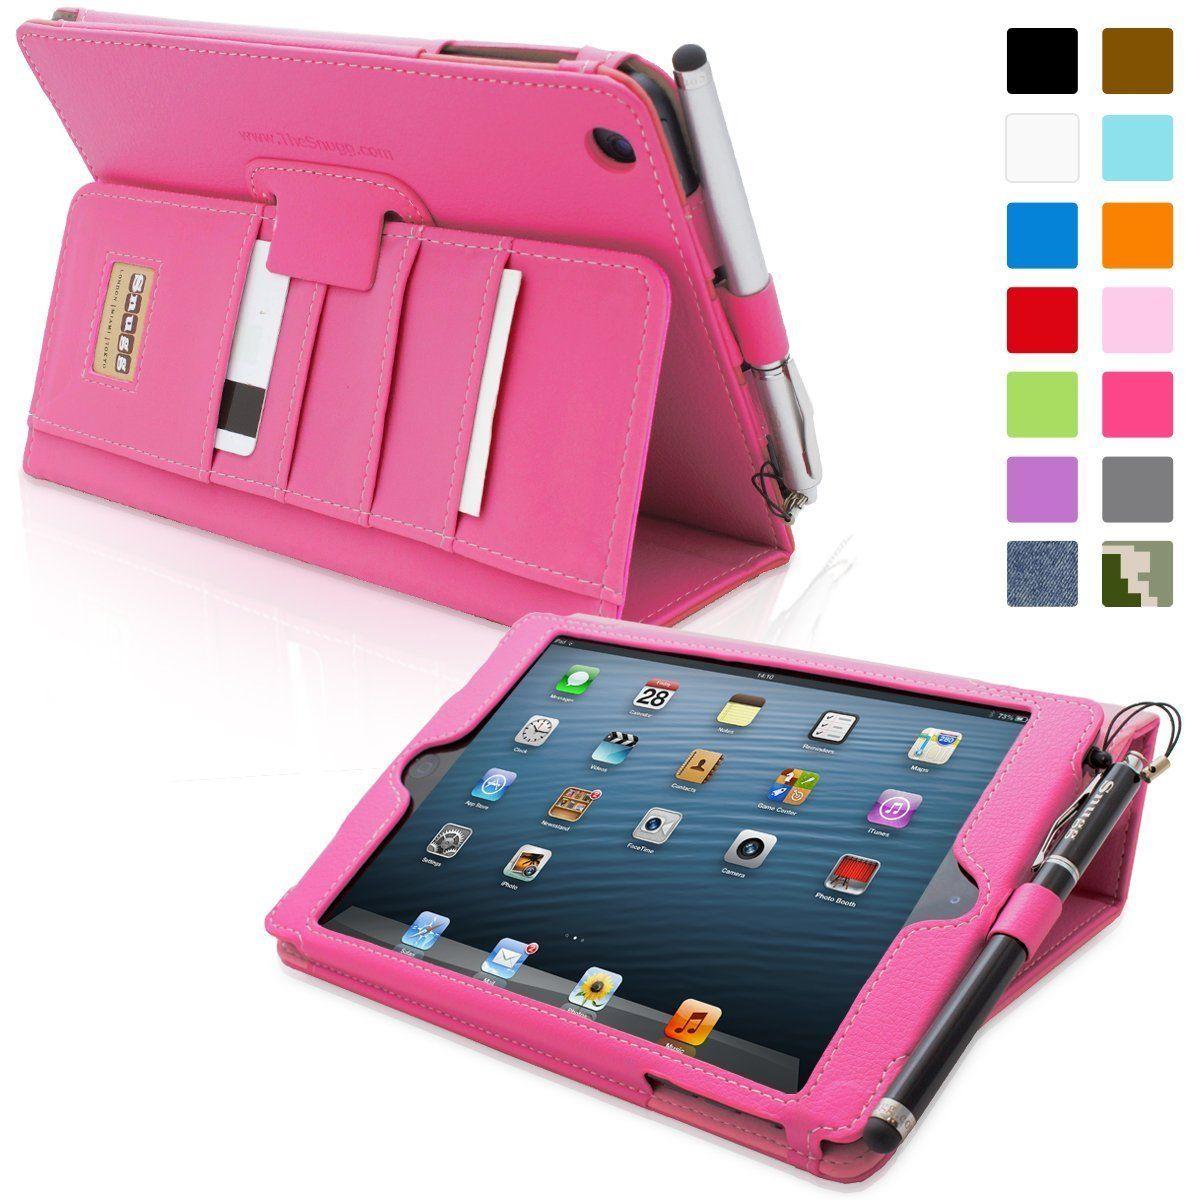 Amazon.com: iPad Mini & Mini 2 Case, Snugg - Executive Smart Cover With Card Slots & Lifetime Guarantee (Hot Pink Leather) for Apple iPad Mini & Mini 2: Computers & Accessories